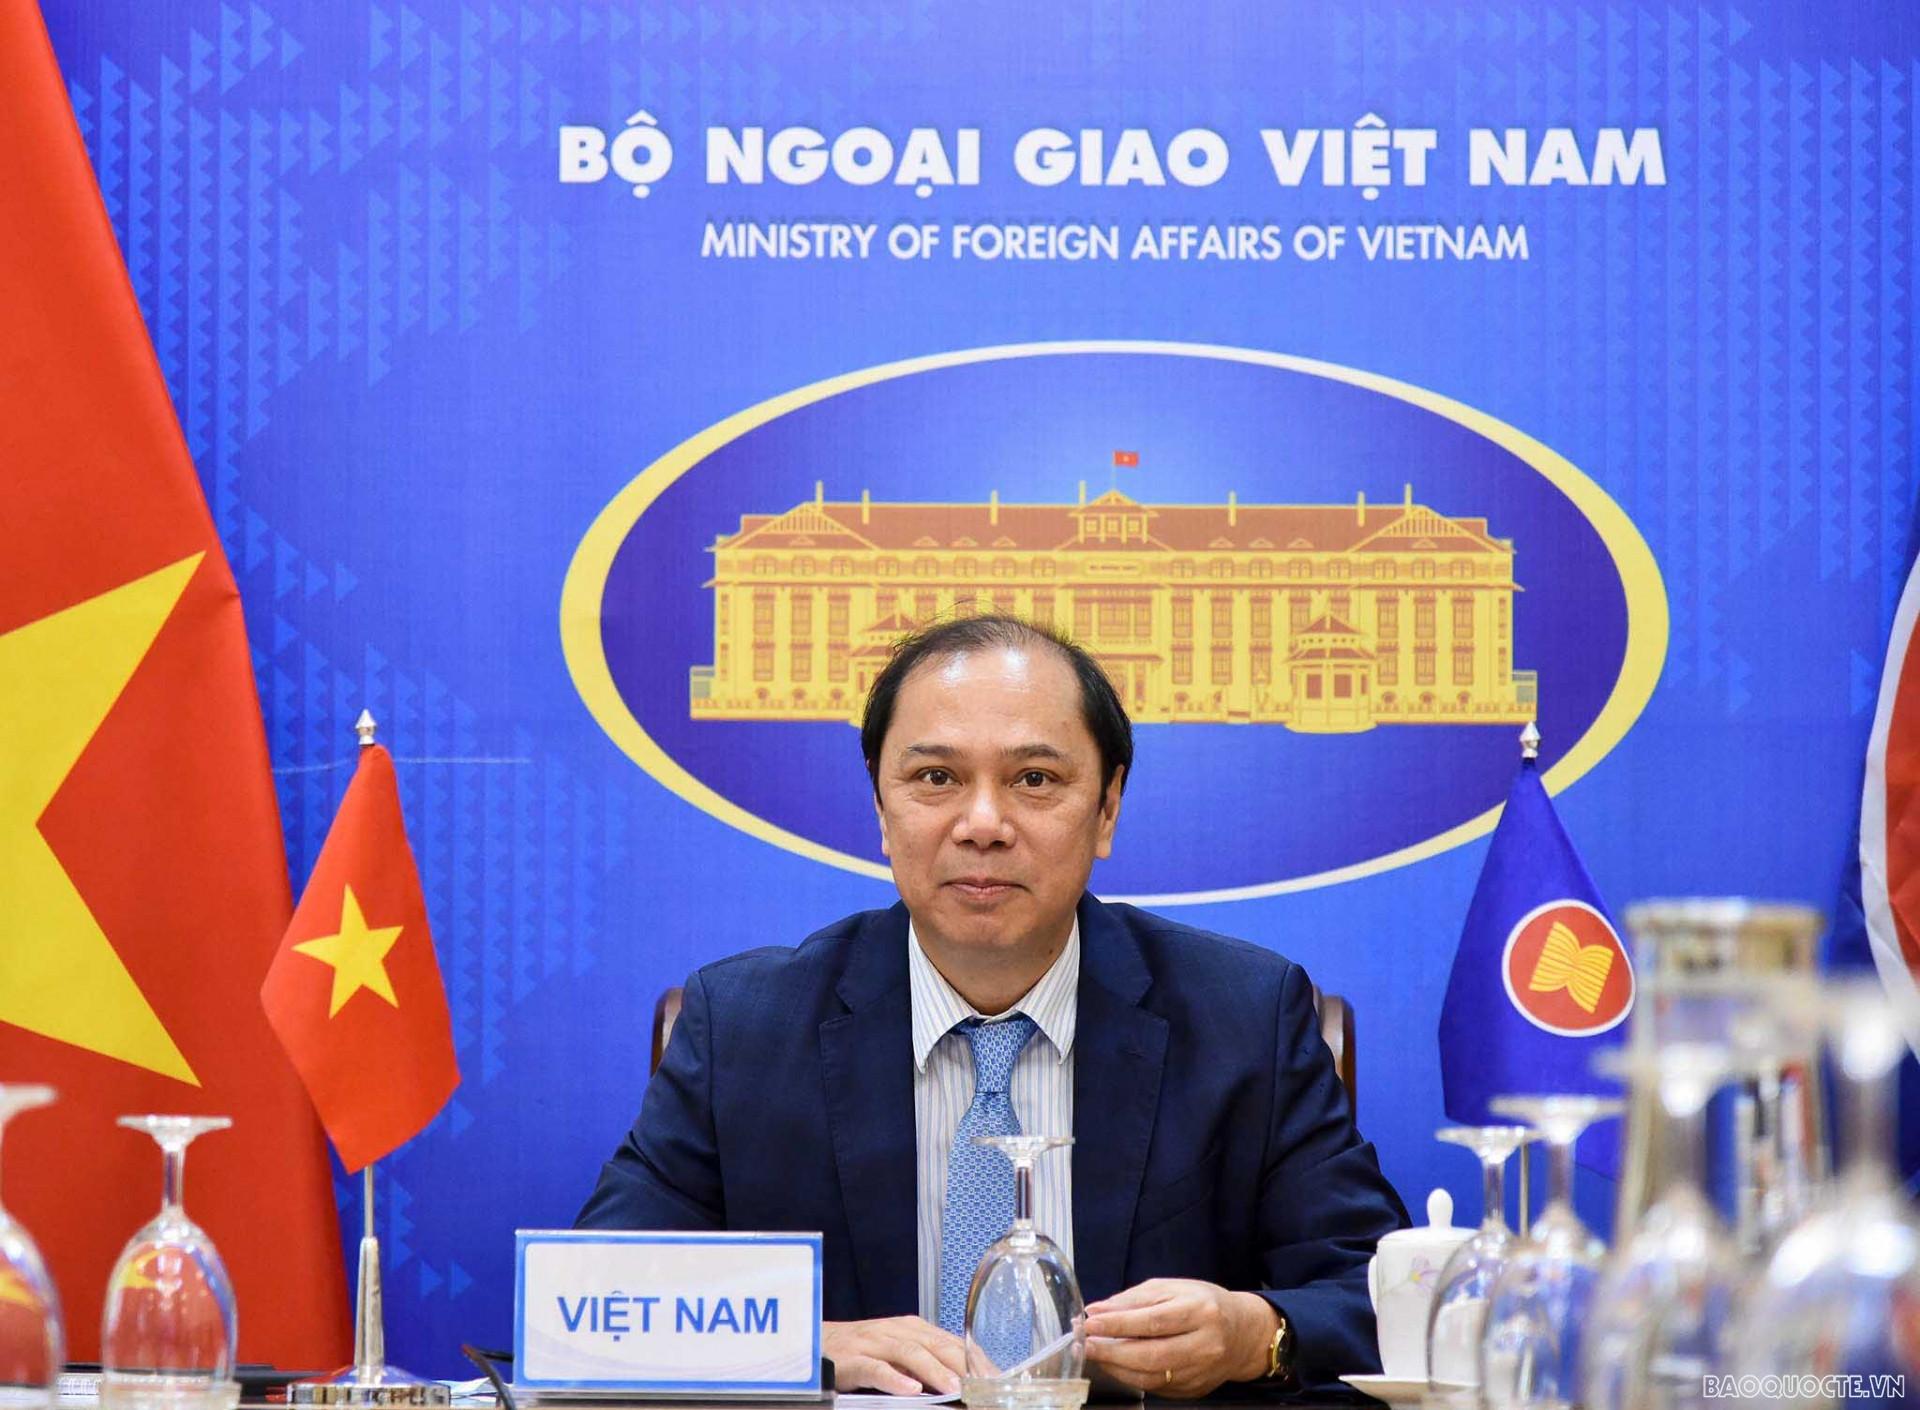 Thứ trưởng Nguyễn Quốc Dũng họp SOMMm